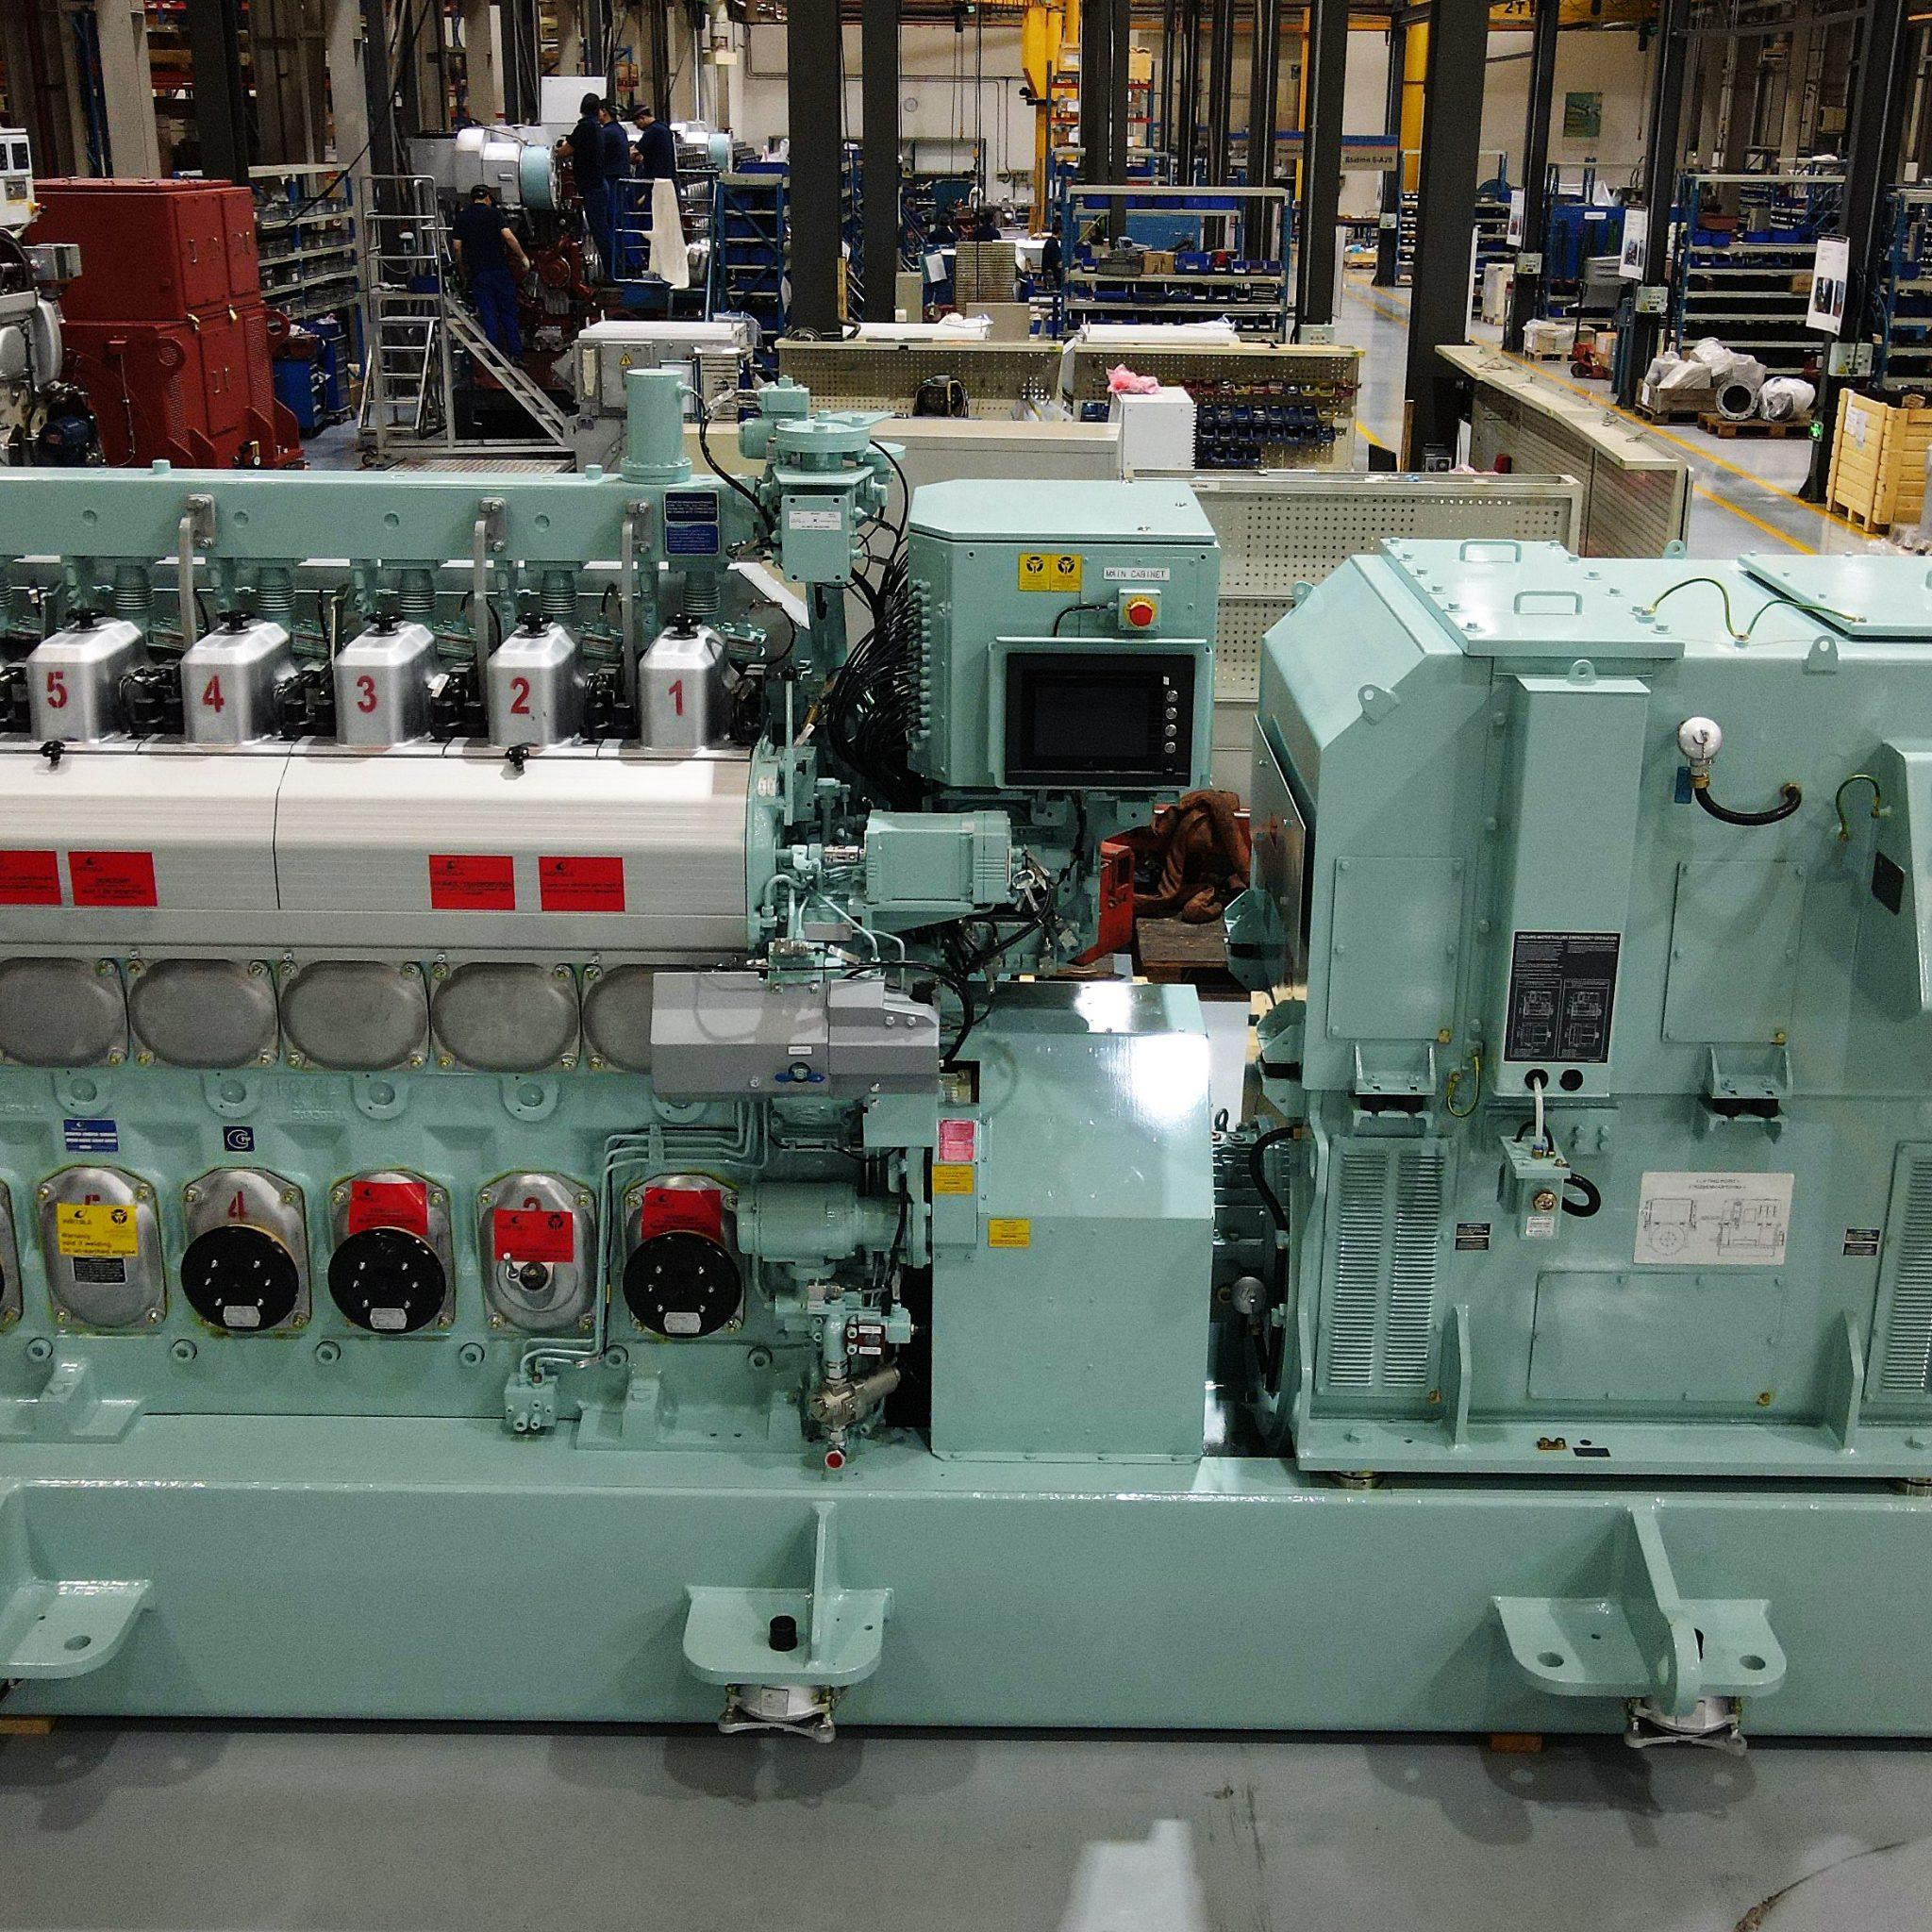 De verbeterde Wärtsilä 20DF dual fuel-motor heeft een hoger vermogen en kan een bredere range gaskwaliteiten aan. De methaanslip is verlaagd. (Foto Wärtsilä)